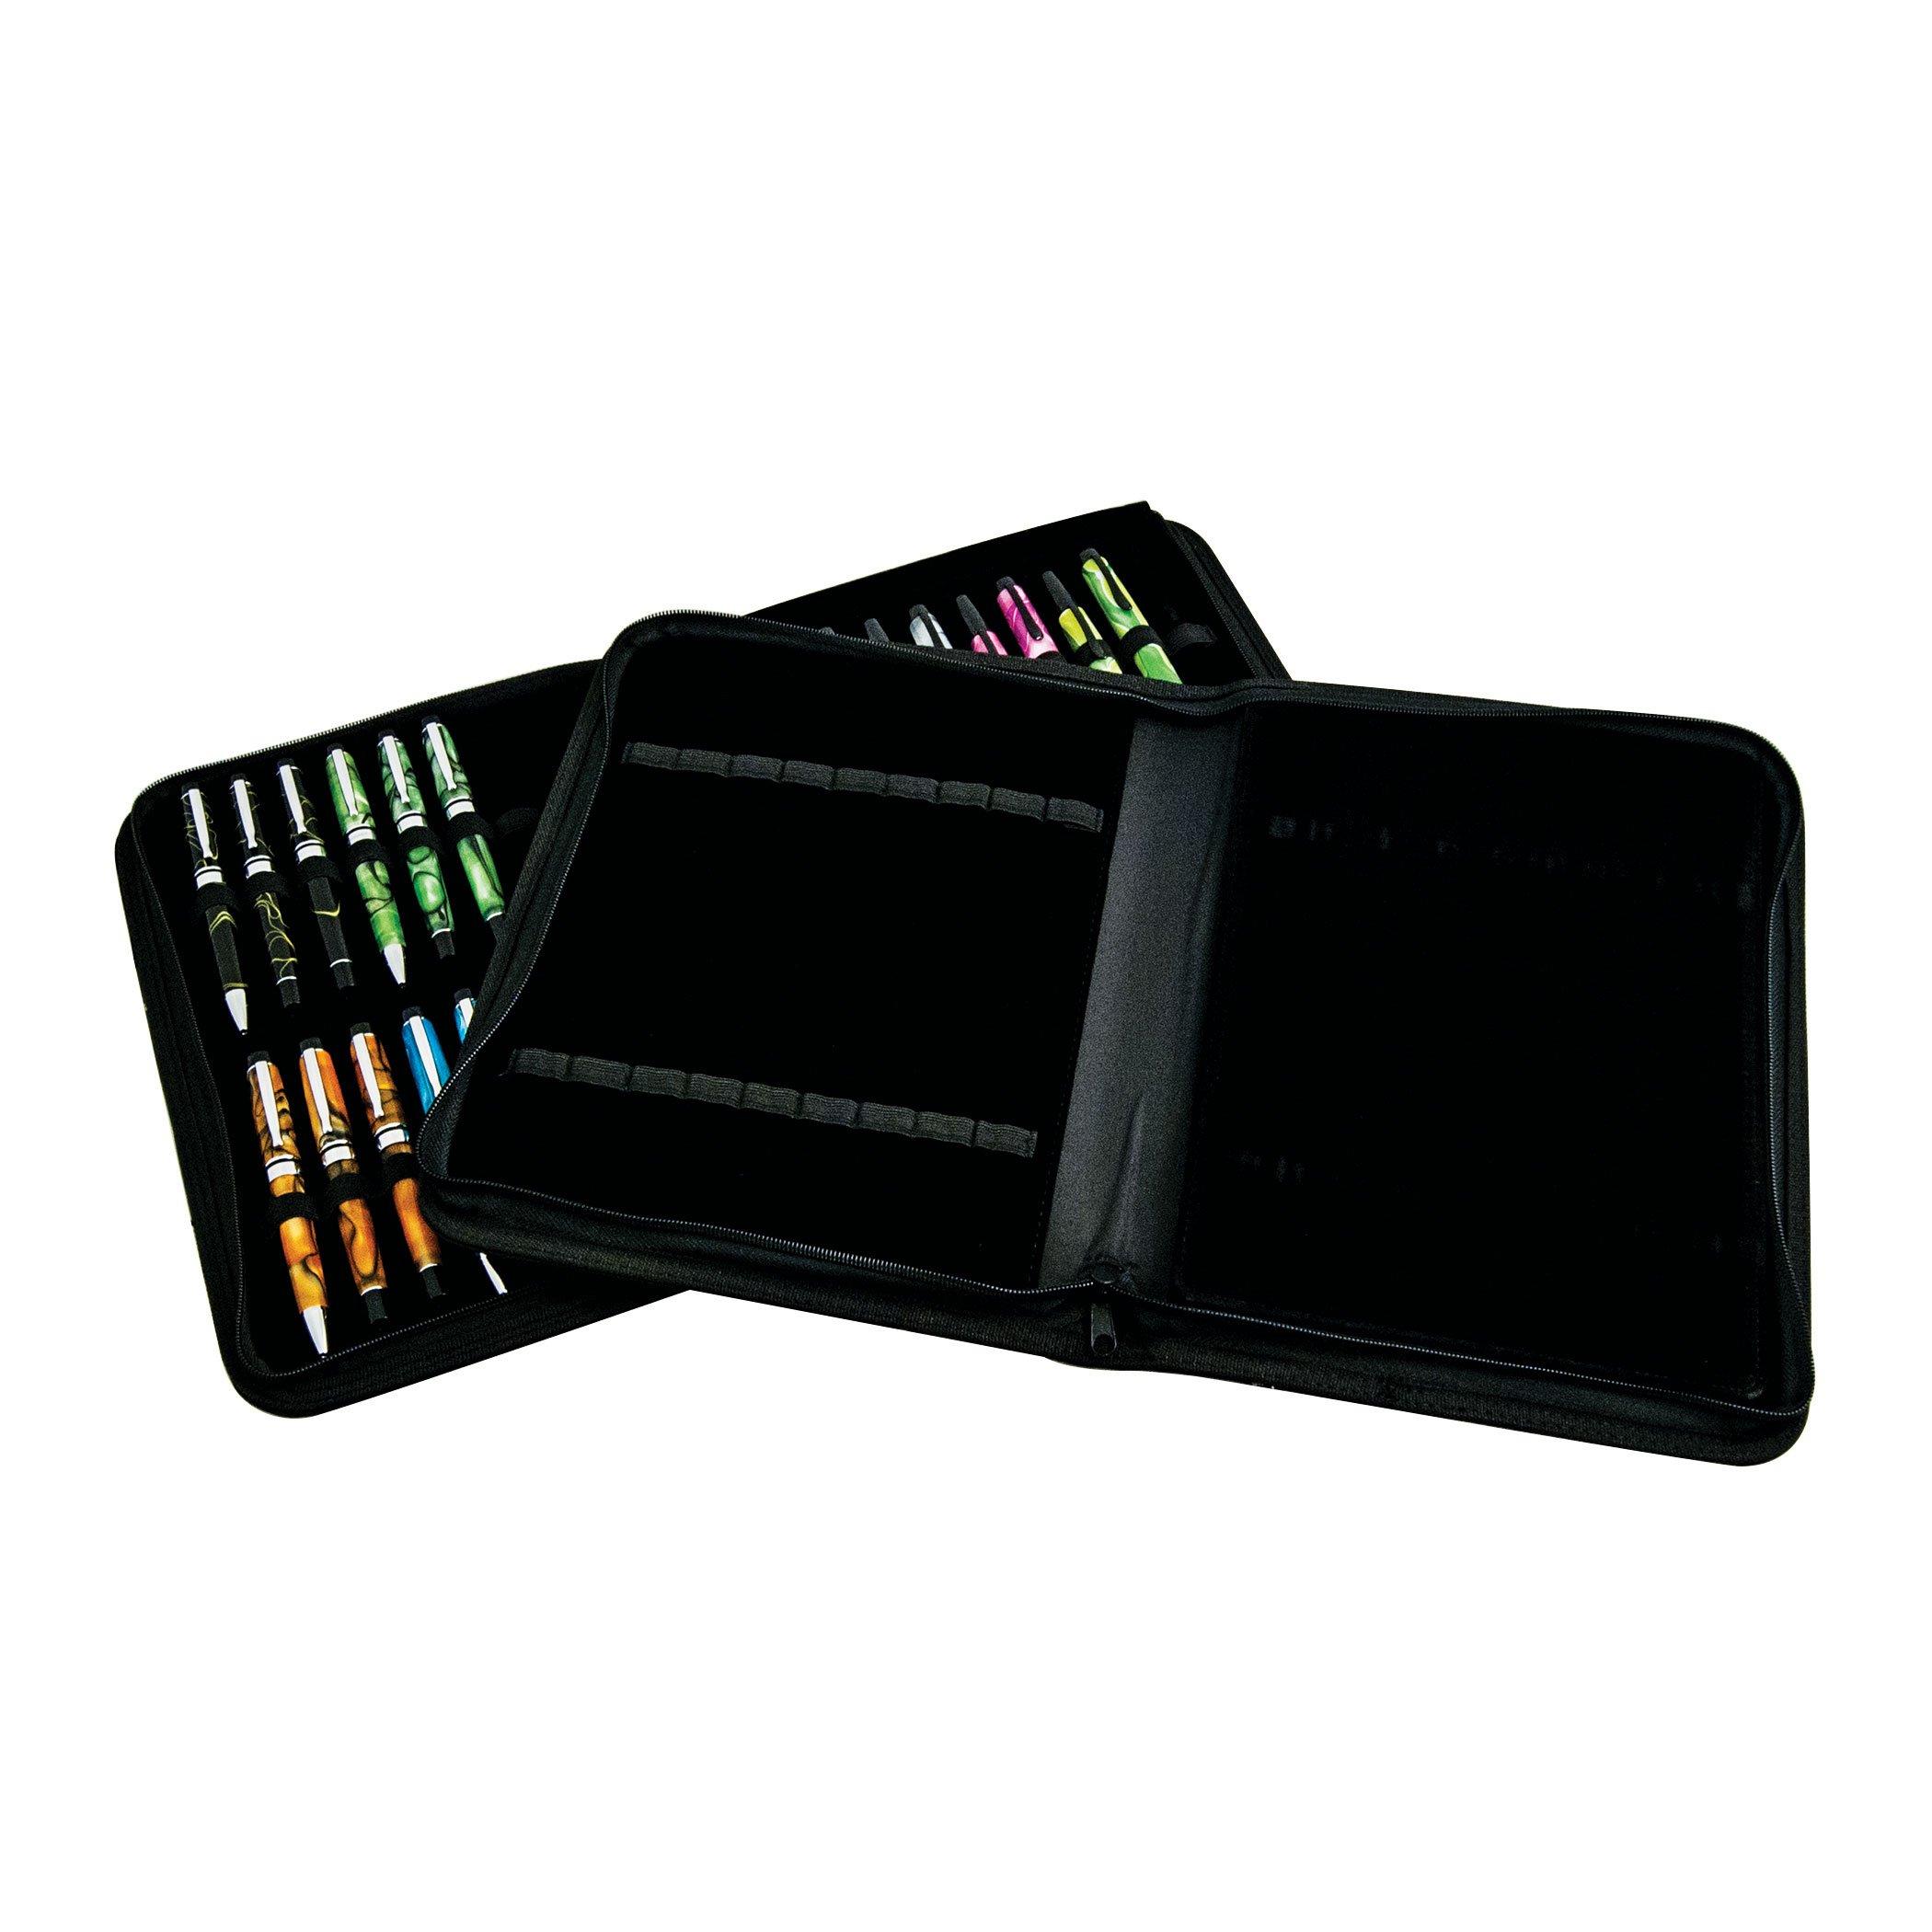 MONTEVERDE Monteverde 36 PC Zipper Pen Case; Black (1407) by Monteverde (Image #5)